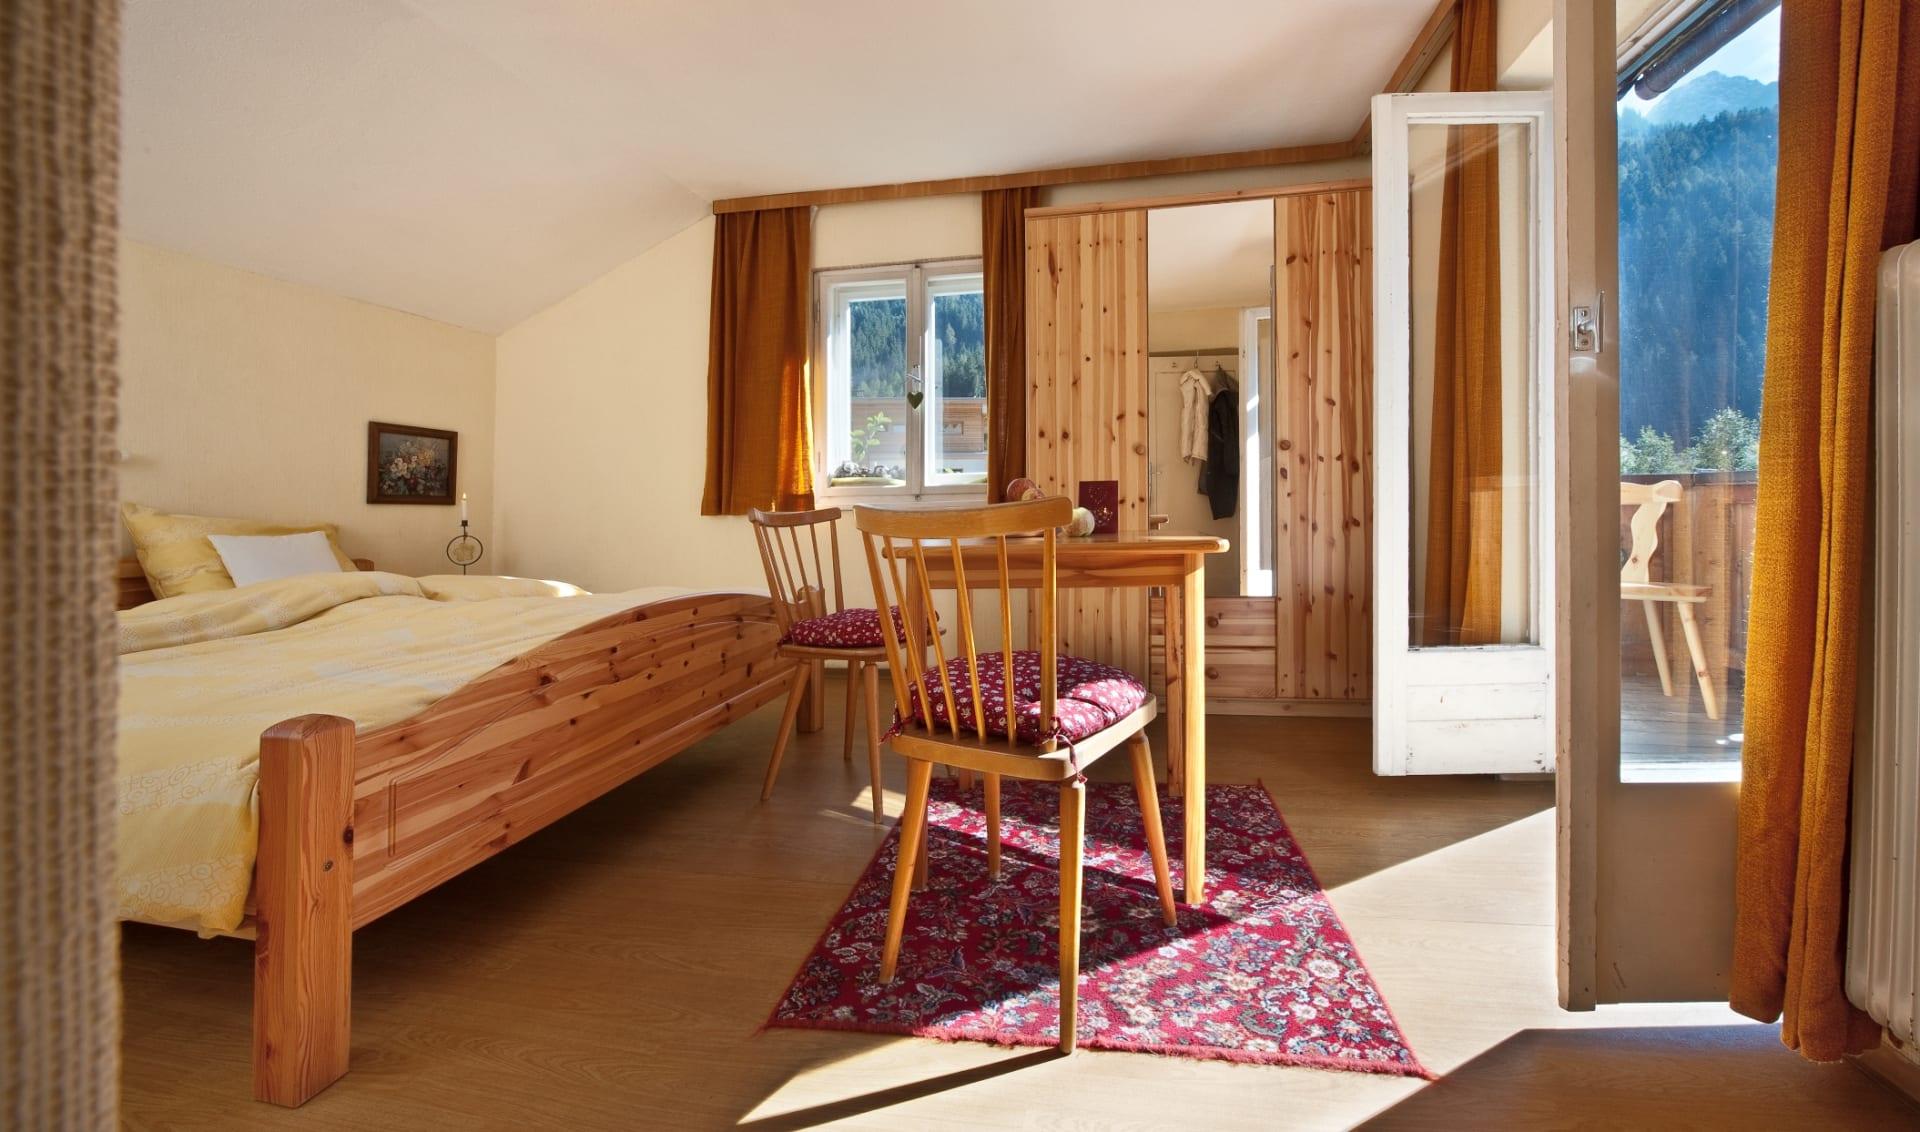 Ferienhaus (6 Schlafzimmer)